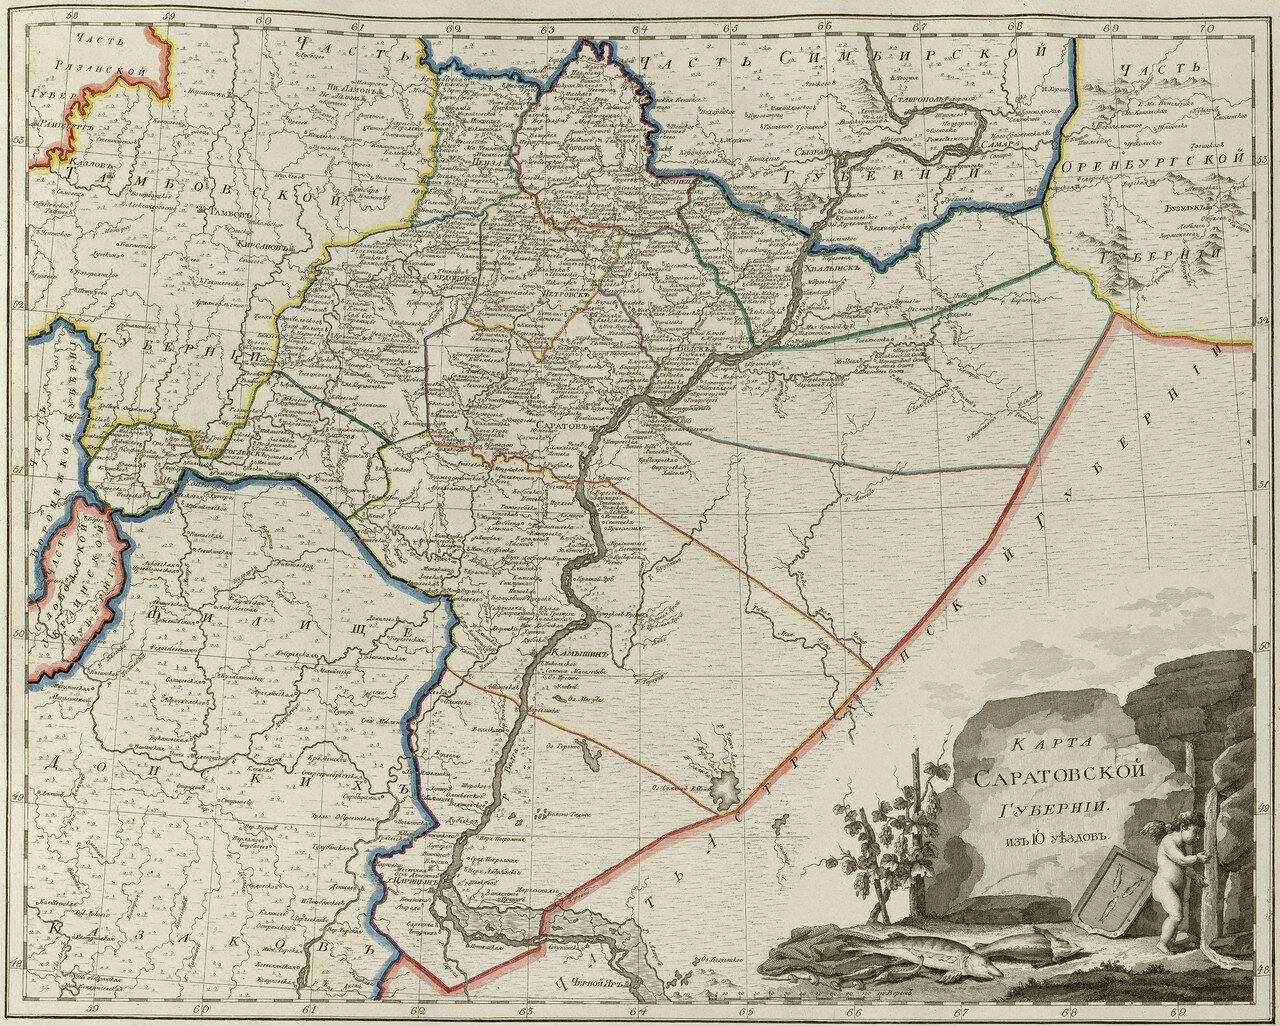 34. Карта Саратовской губернии